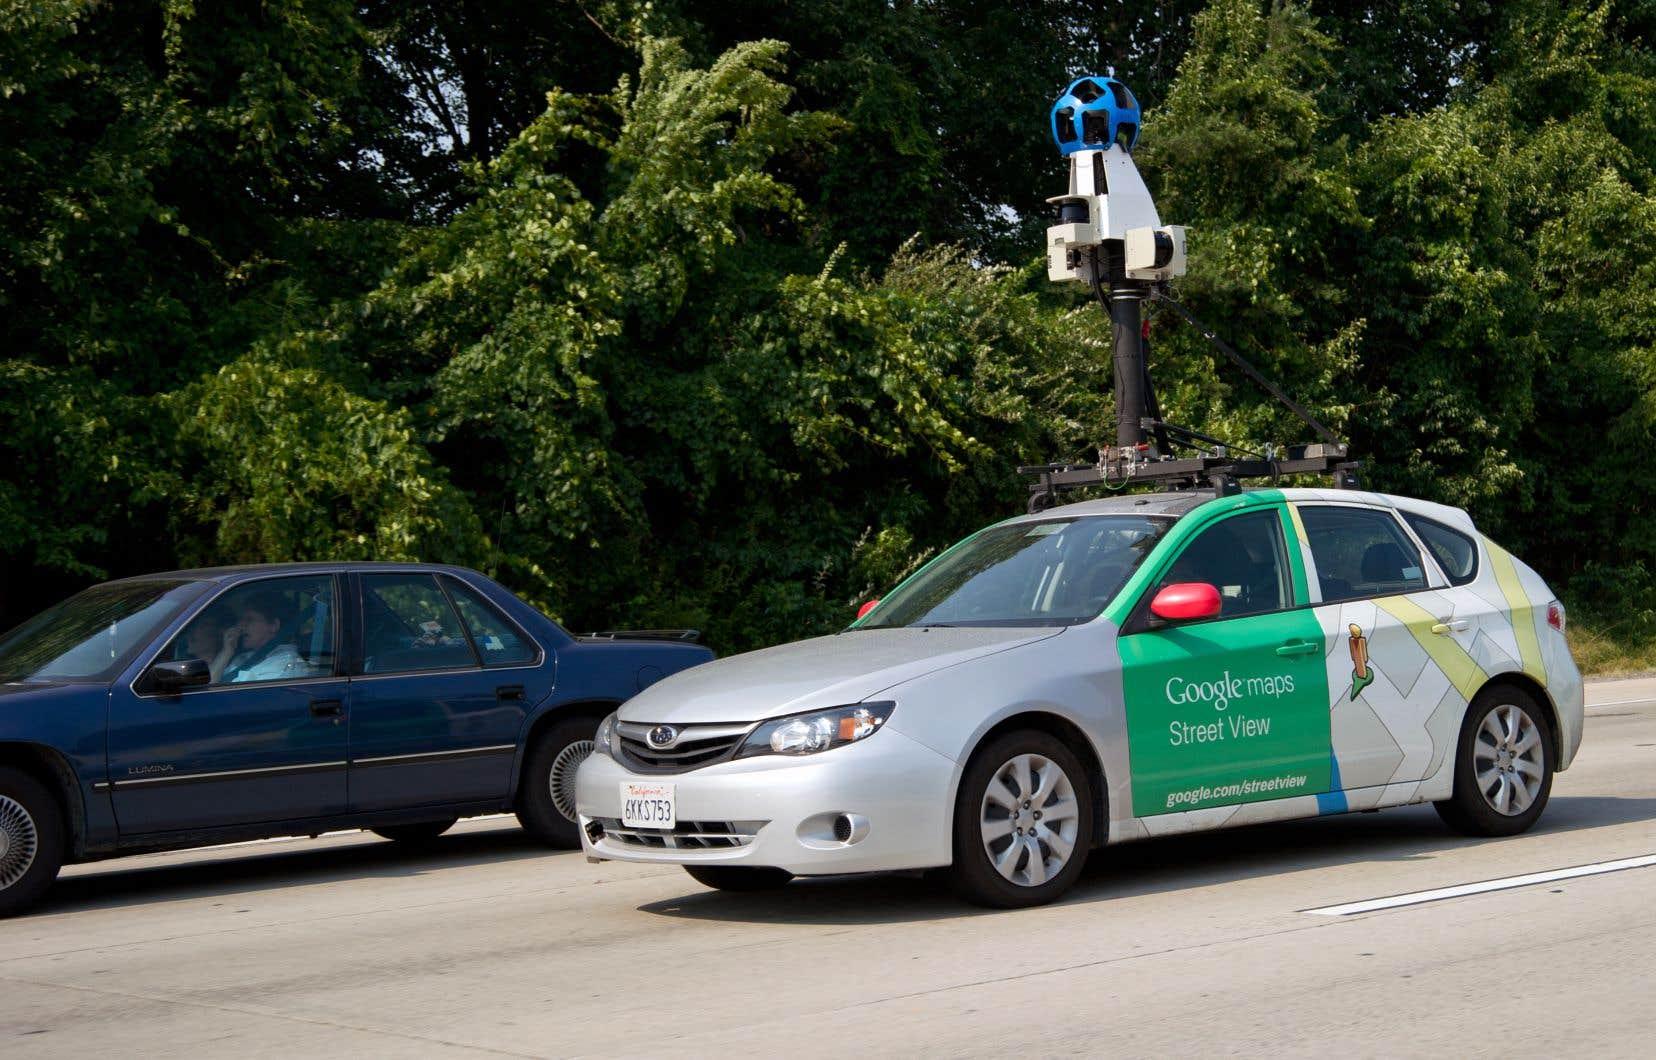 Google Street View ne faisait pas que prendre des images des rues, il pillait aussi les ordinateurs des citoyens, selon ce qui est reproché par l'action collective intentée contre l'entreprise.